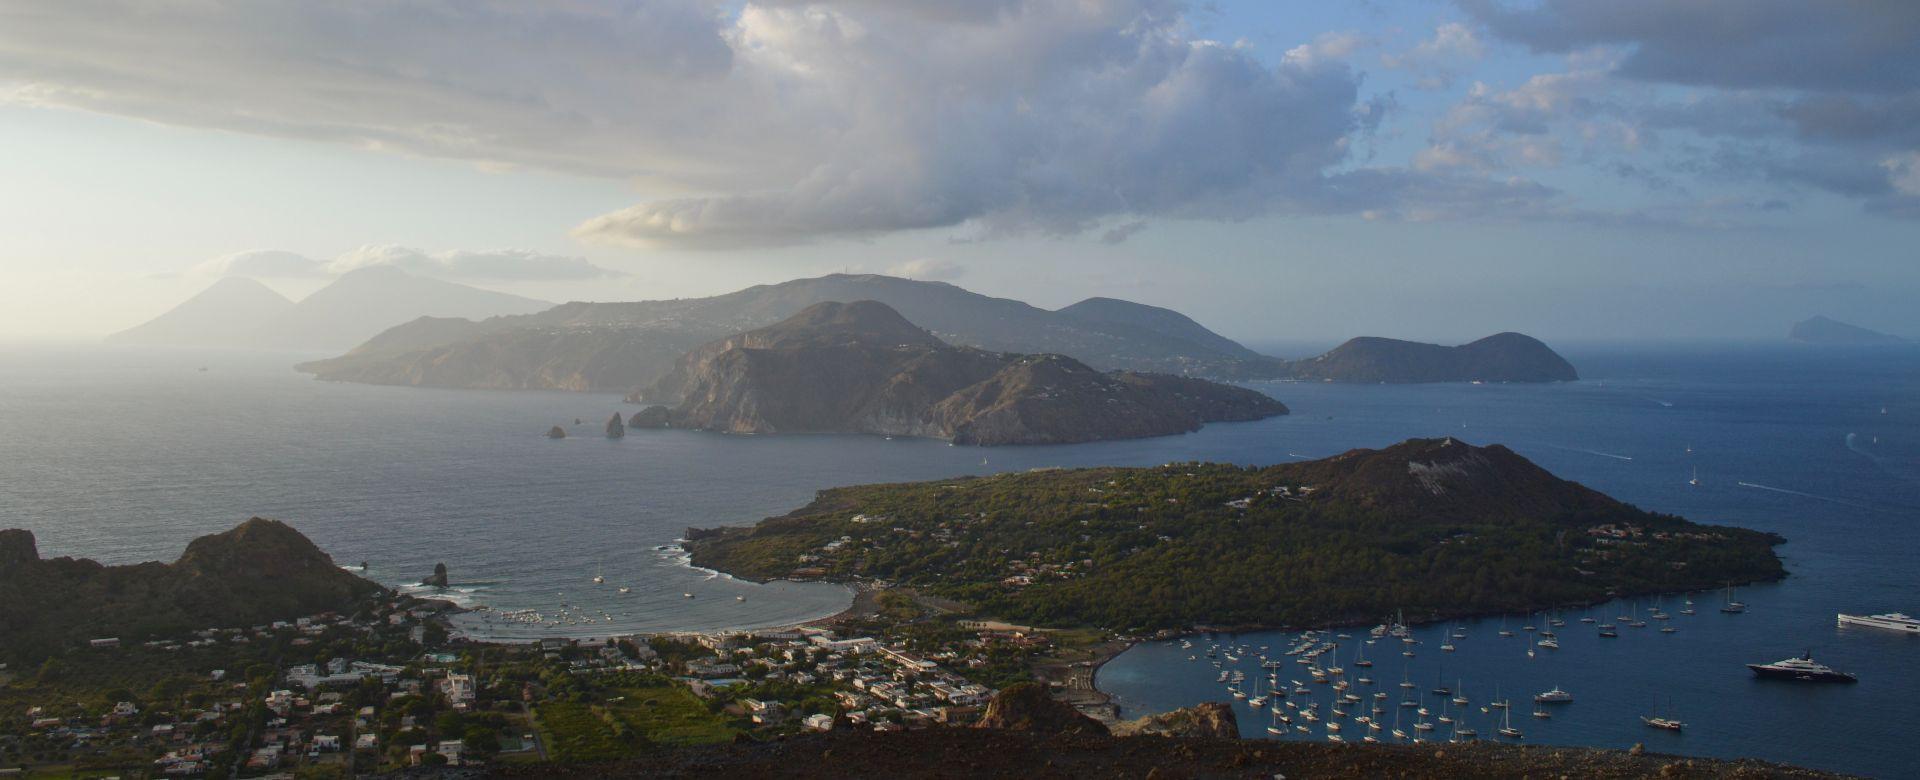 Gita in barca alla scoperta dell'isola di Vulcano